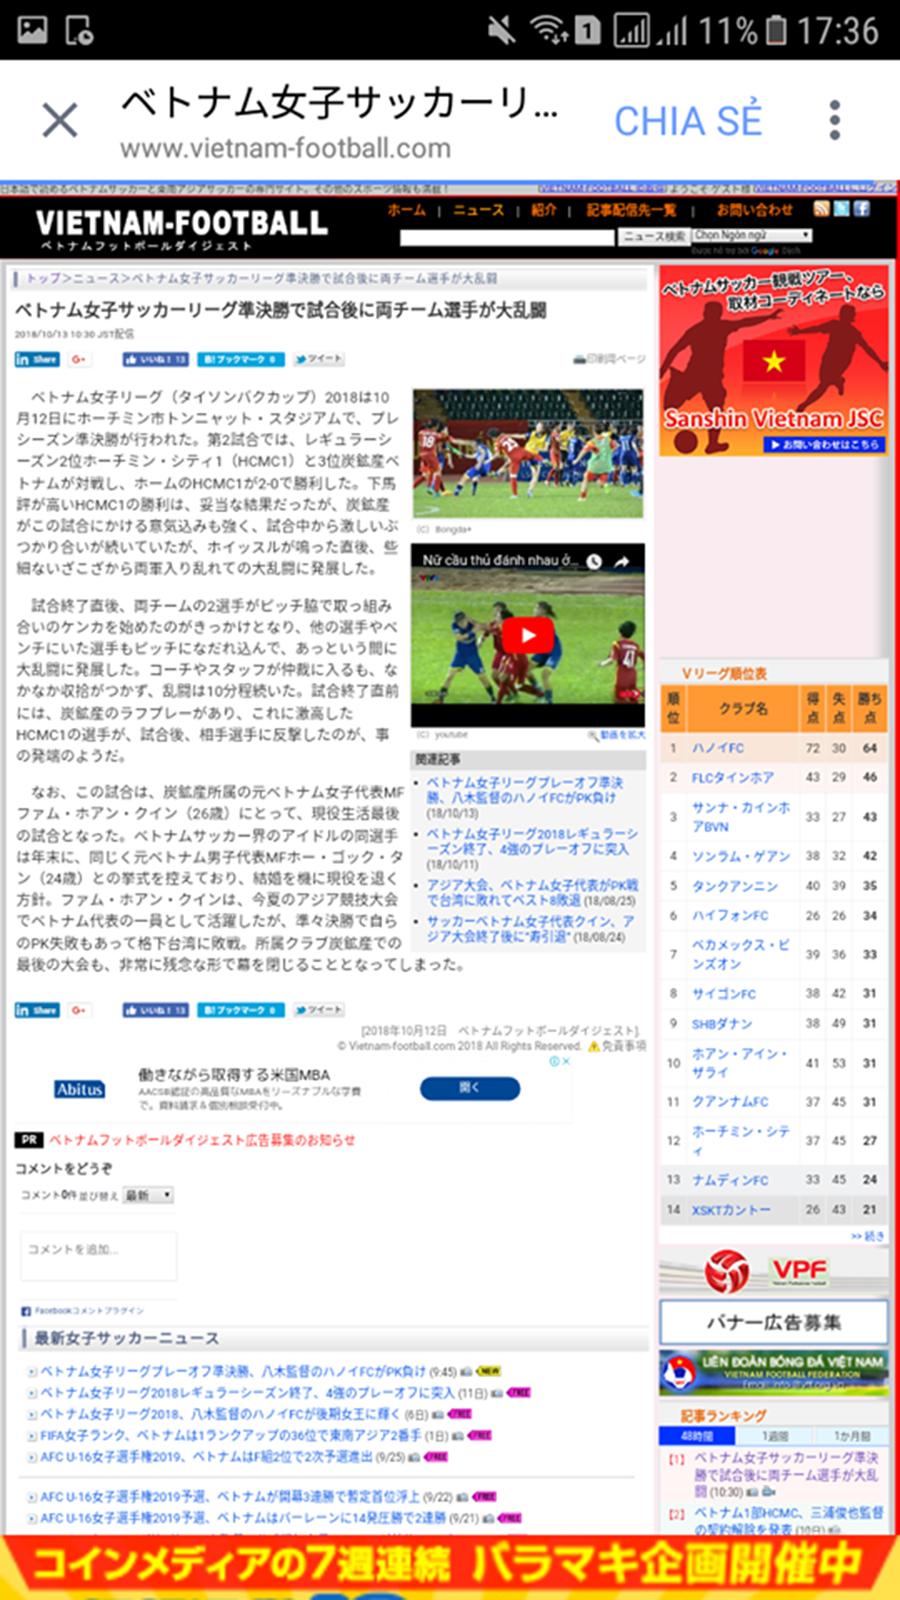 Bài đăng của trang Vietnam Football.